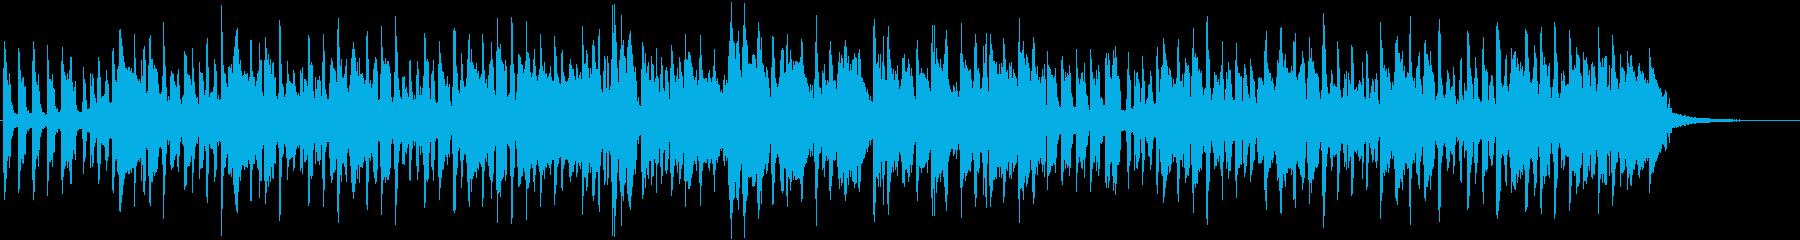 七五三をテーマにした楽曲の再生済みの波形